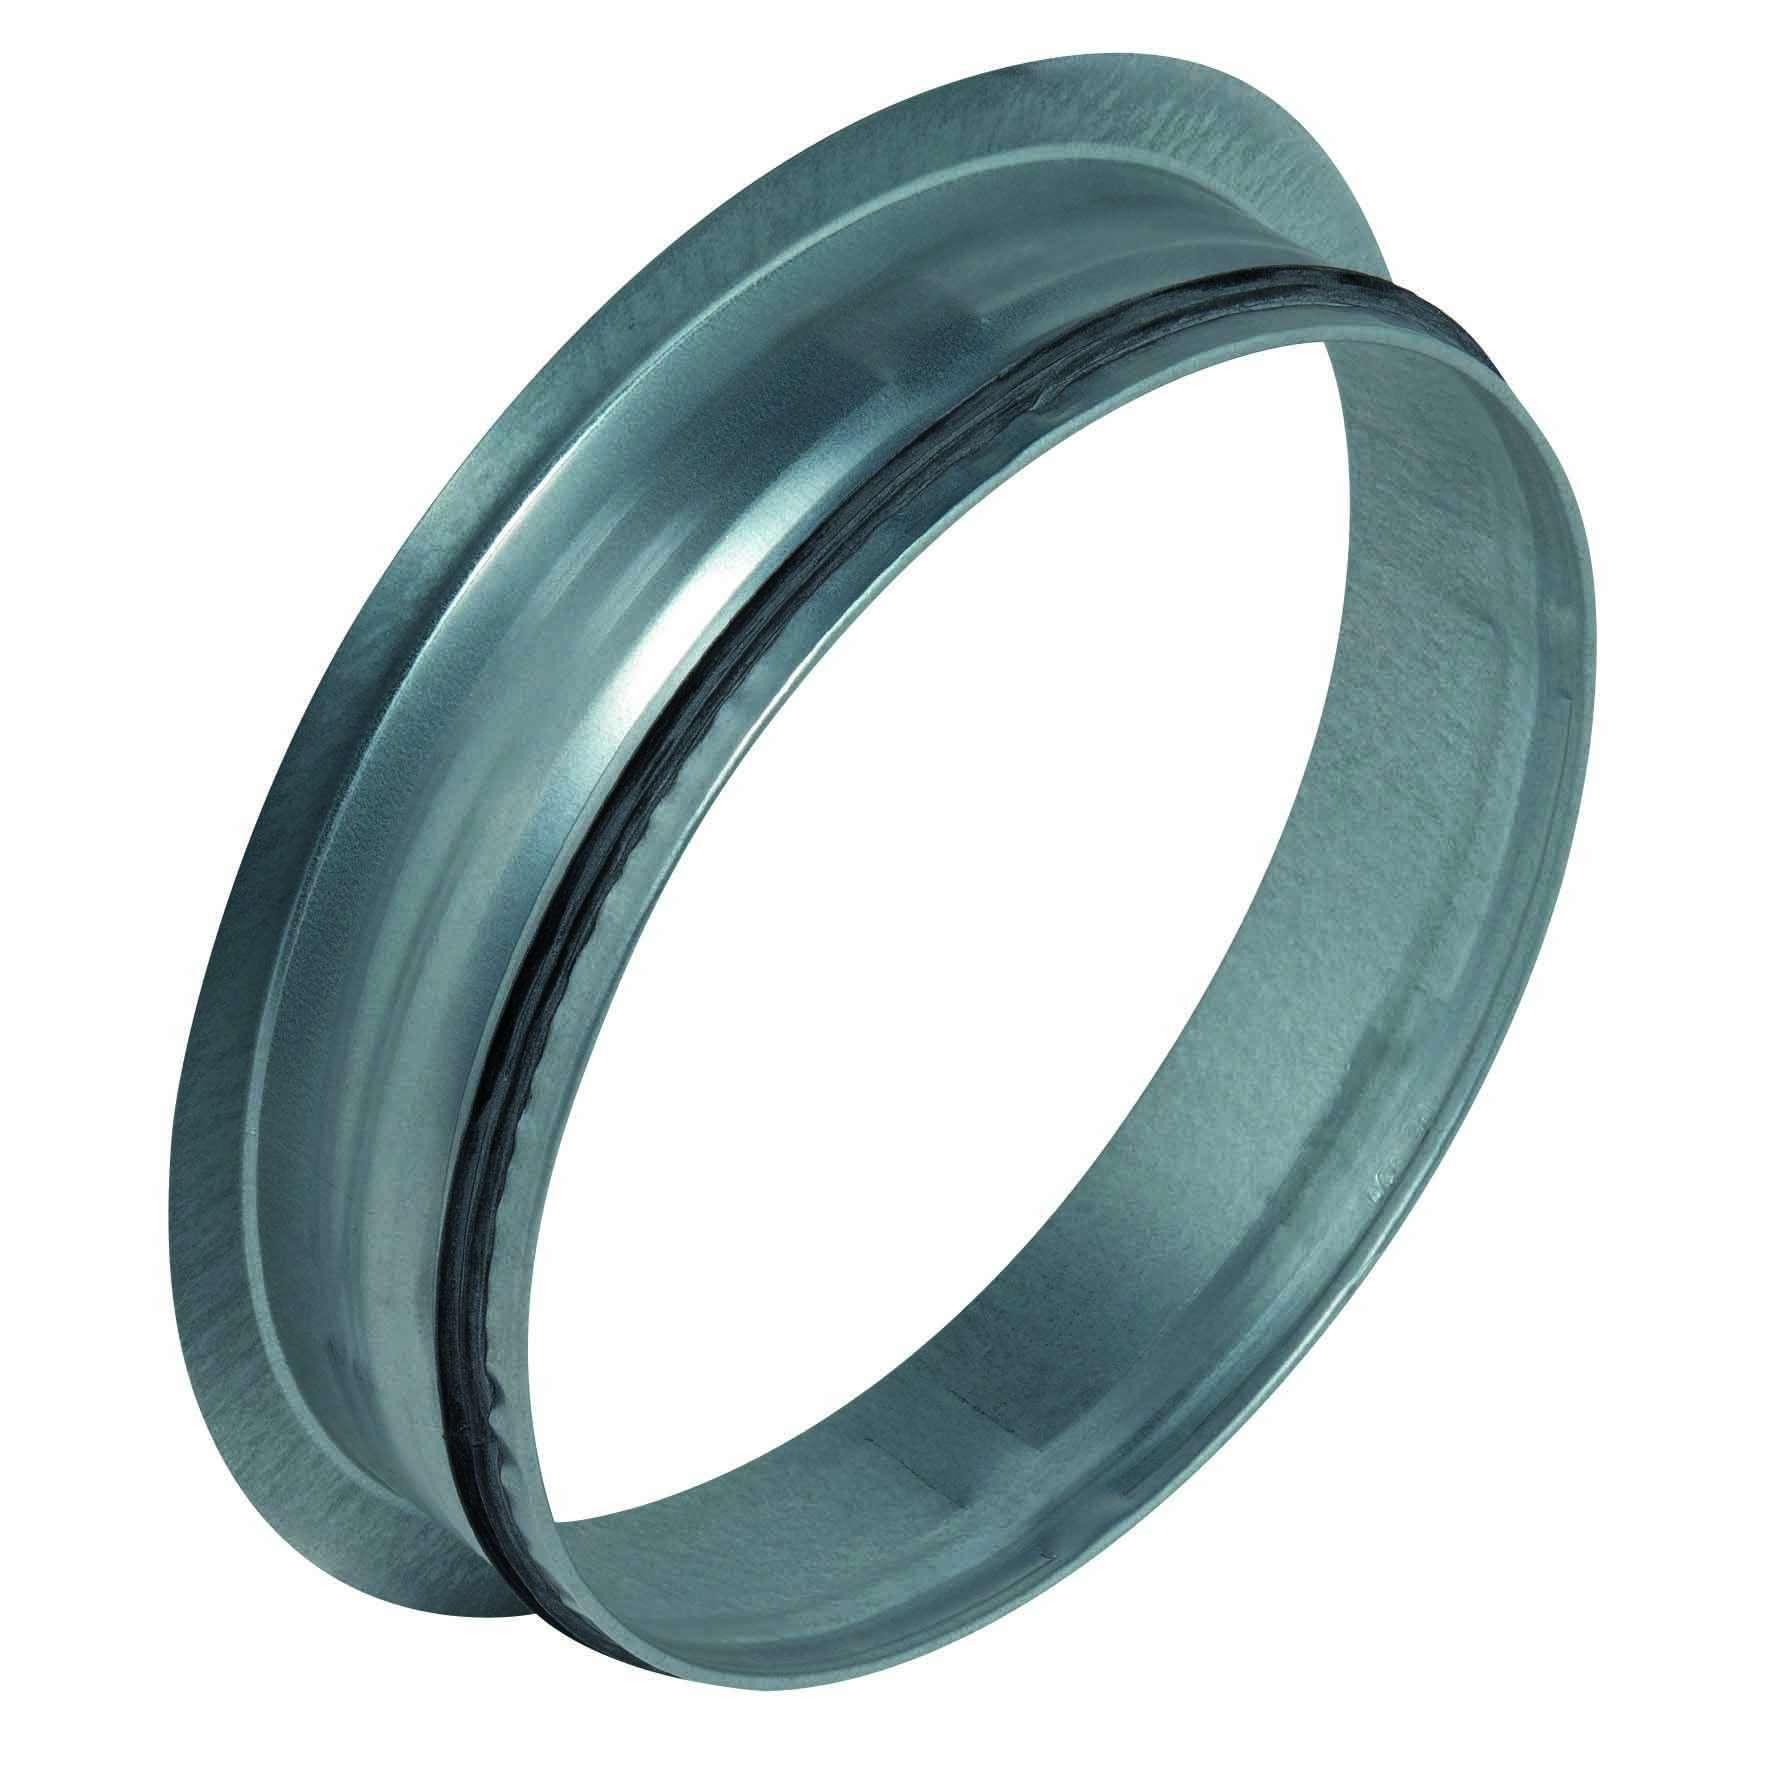 Accessoires circulaires galva joint PEP GALVA +JOINT - D160 Aldes 11098303